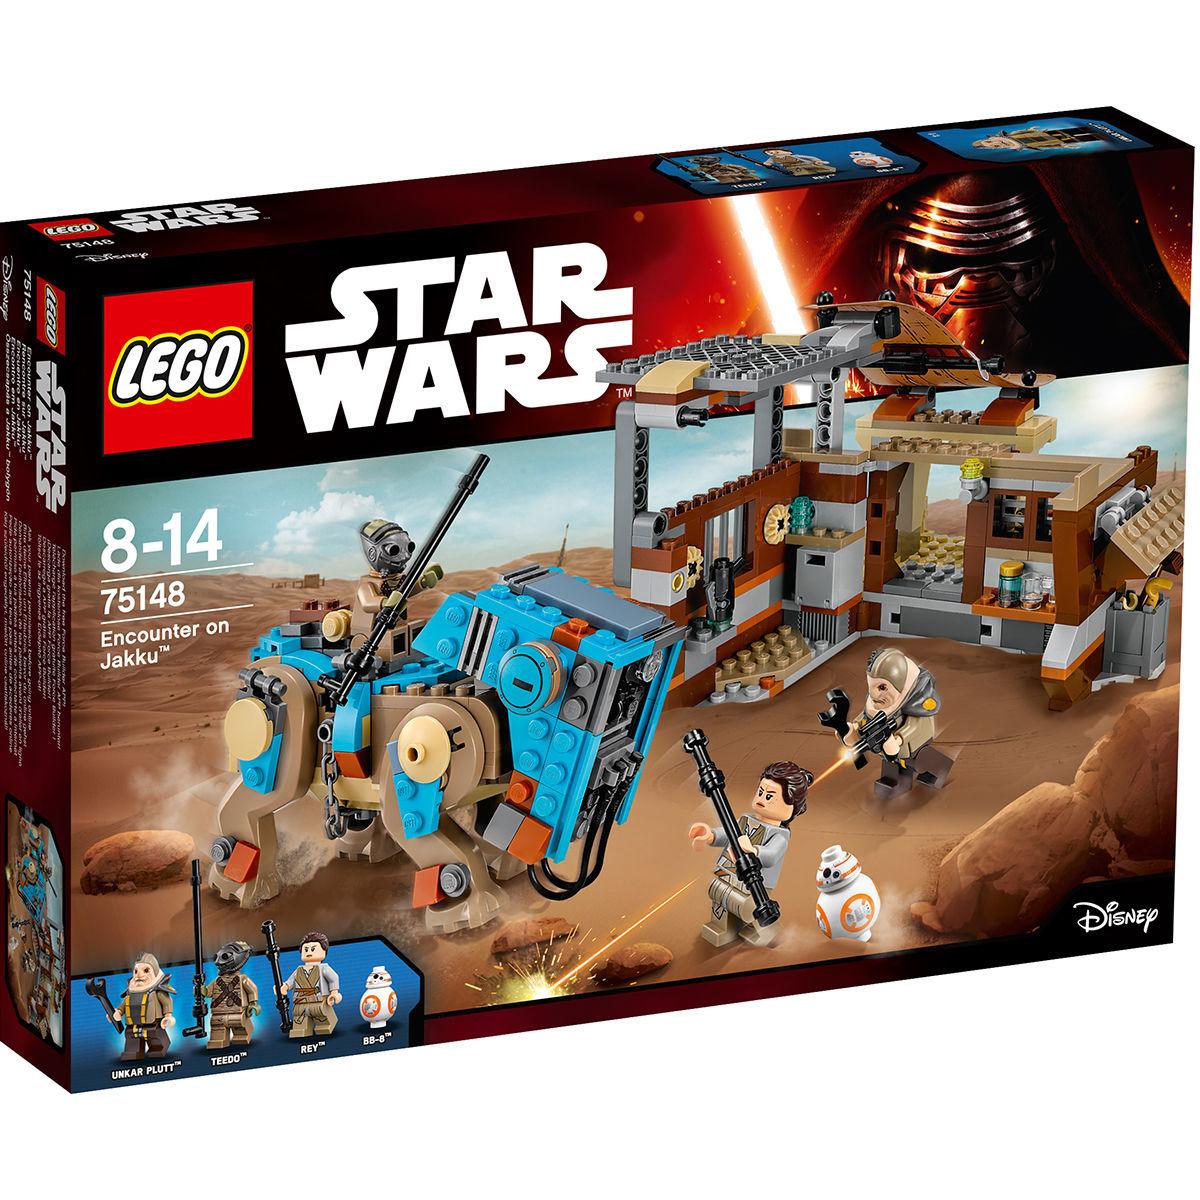 Karstadt online   LEGO® Star Wars™ Confidential_Retail 5 75148 statt für 59,99 jetzt für 39,99. Entspricht 33% oder 20 € Rabatt